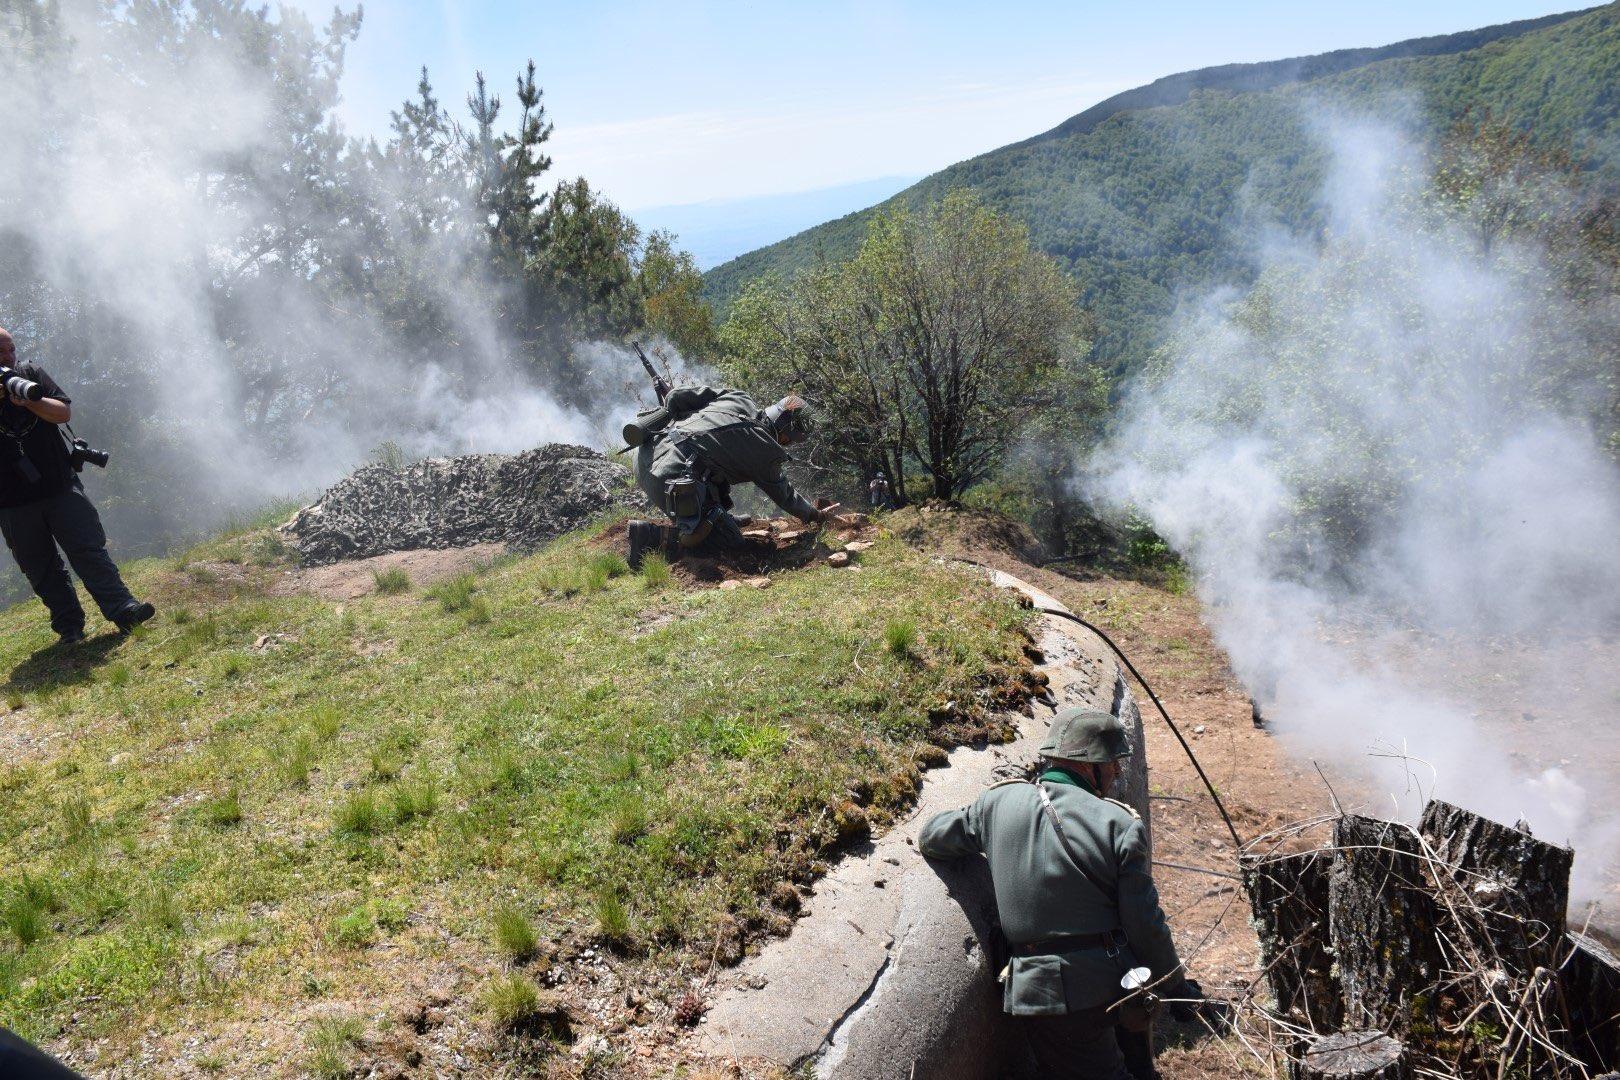 Σέρρες: 80 χρόνια από τη «μάχη των οχυρών» – Όταν ο ελληνικός στρατός καθήλωσε τους Ναζί στα σύνορα